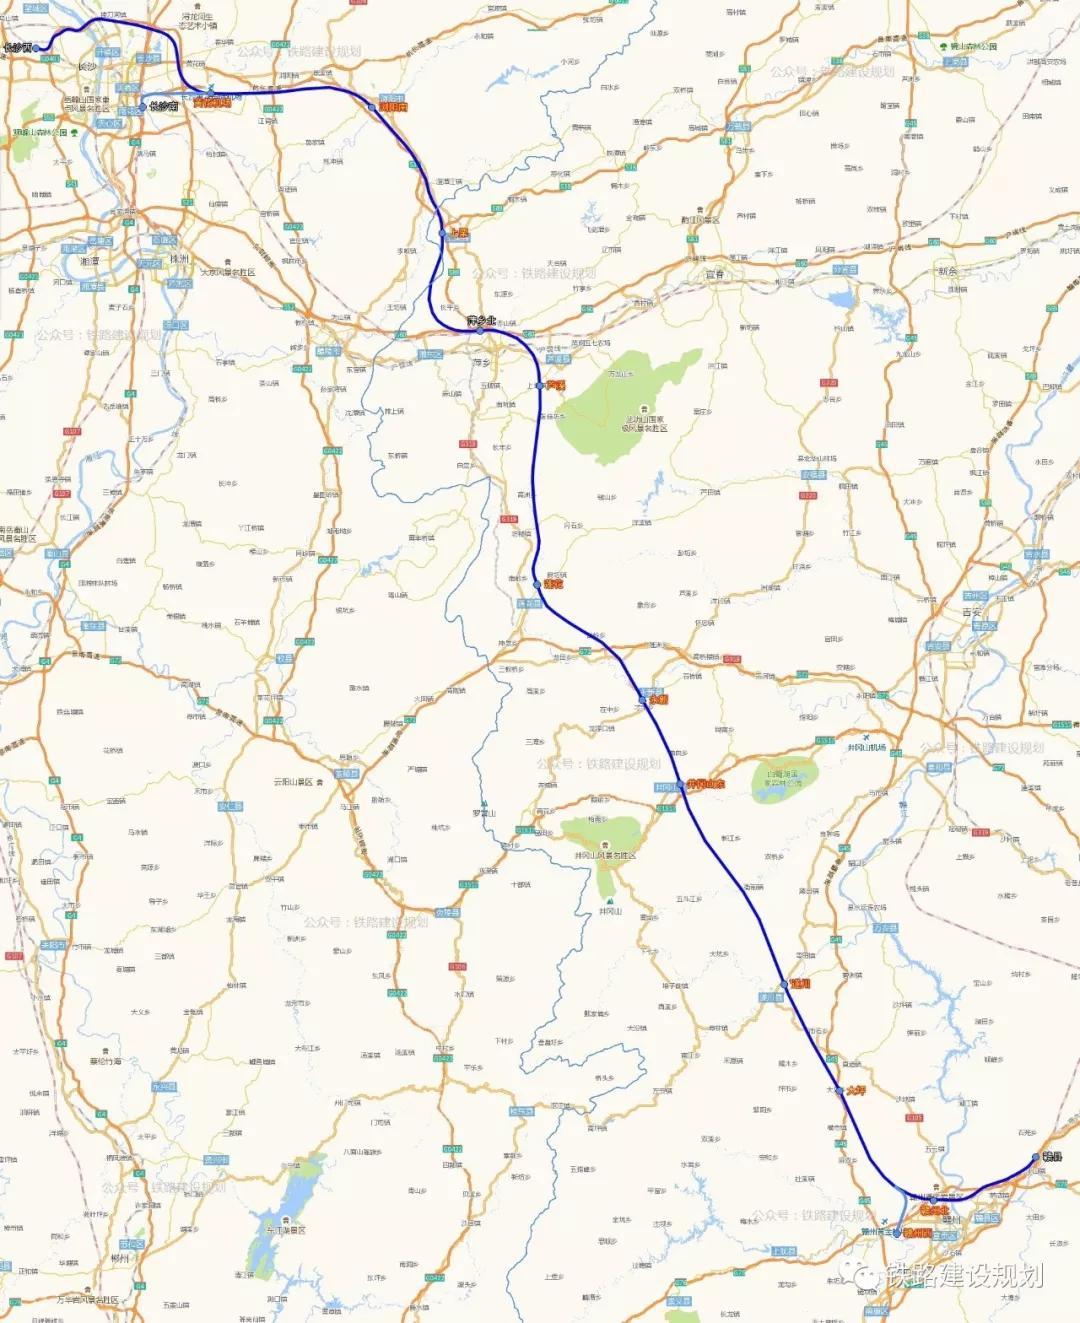 图片来源:铁路建设规划